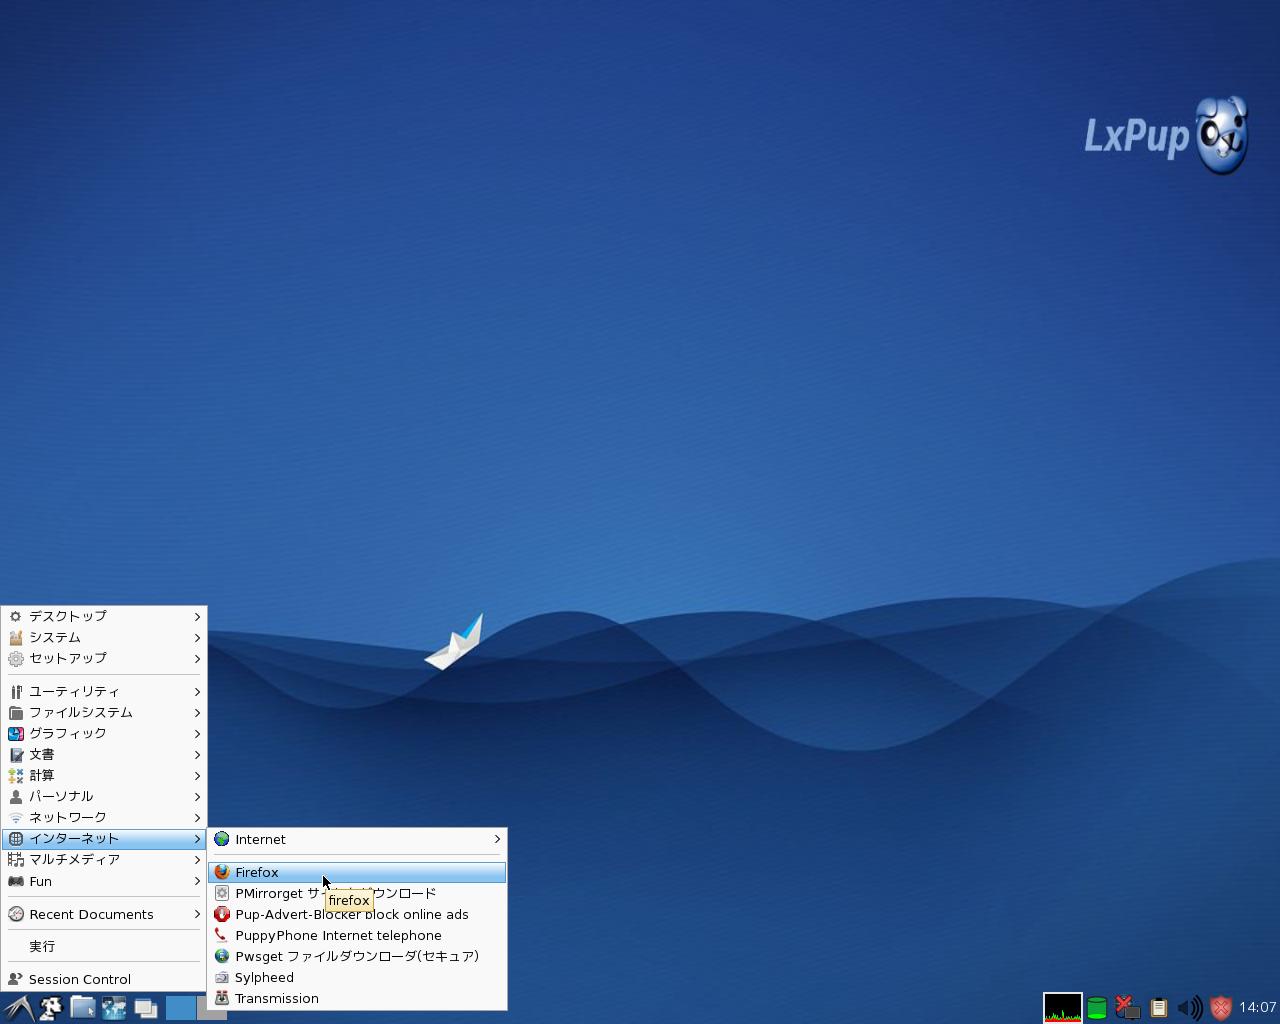 Puppy Linux の軽快さを体験するとなかなか、ほかのディストリビューションに移行するというのは難しいと思います。慣れてくるとシングルクリックでアプリケーションを